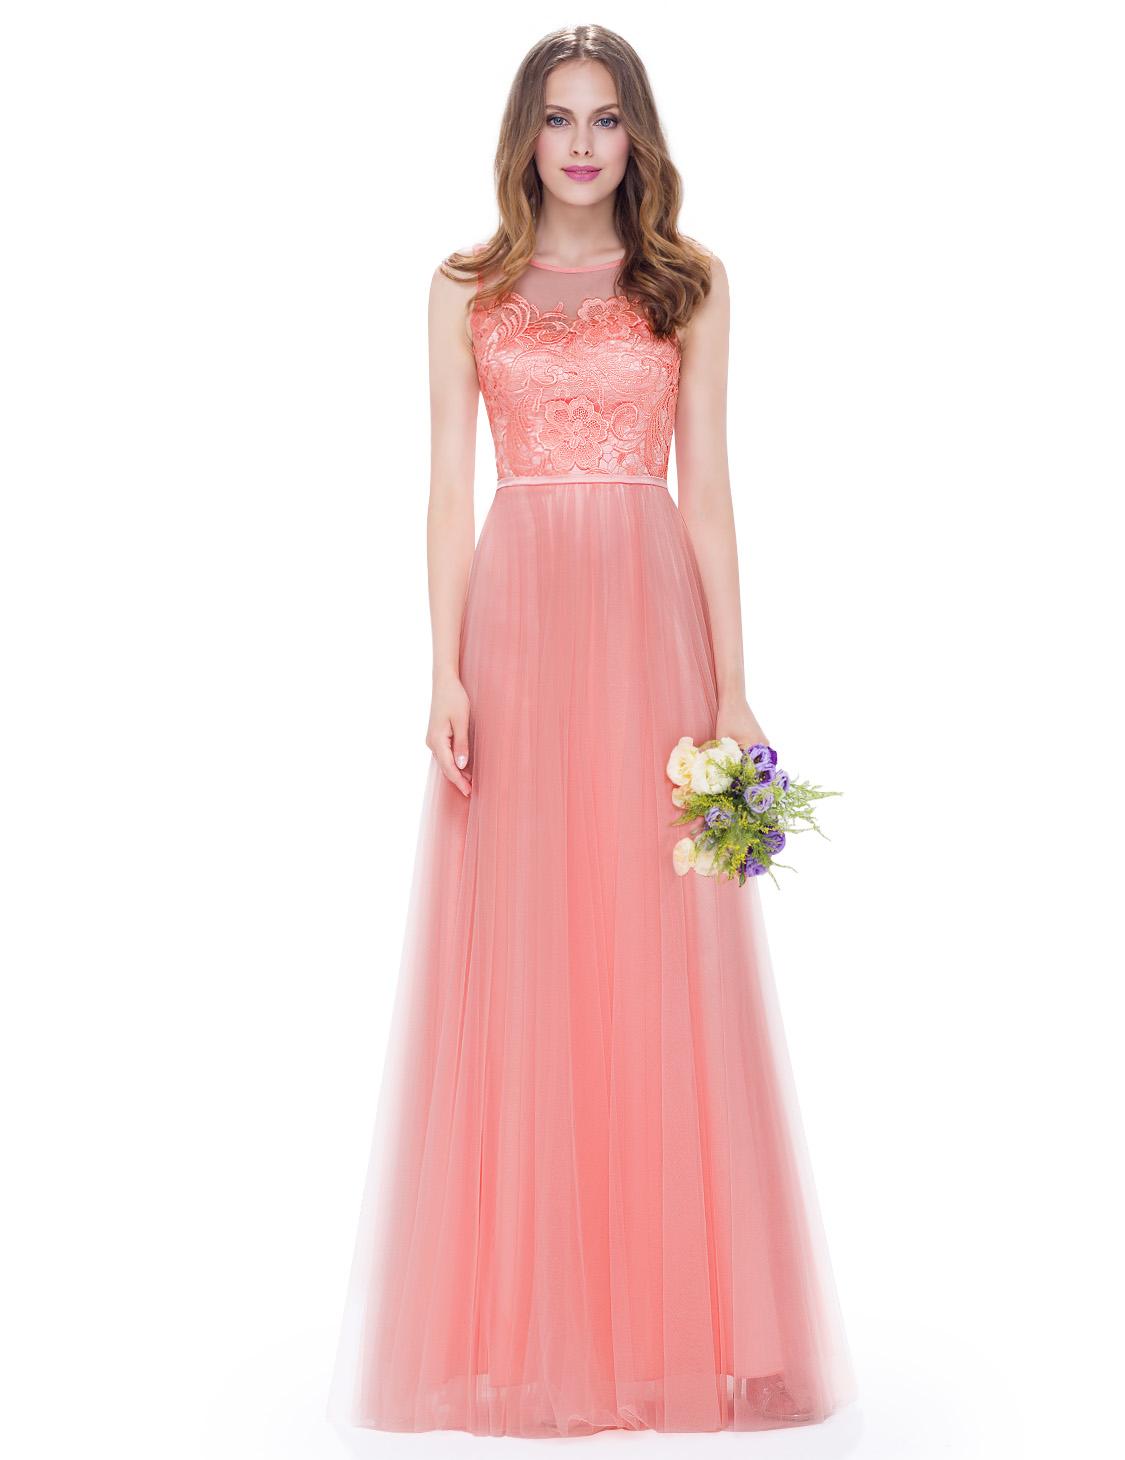 Lososové dlouhé plesové šaty s tylovou sukní 40-42  8d9a4bf07c